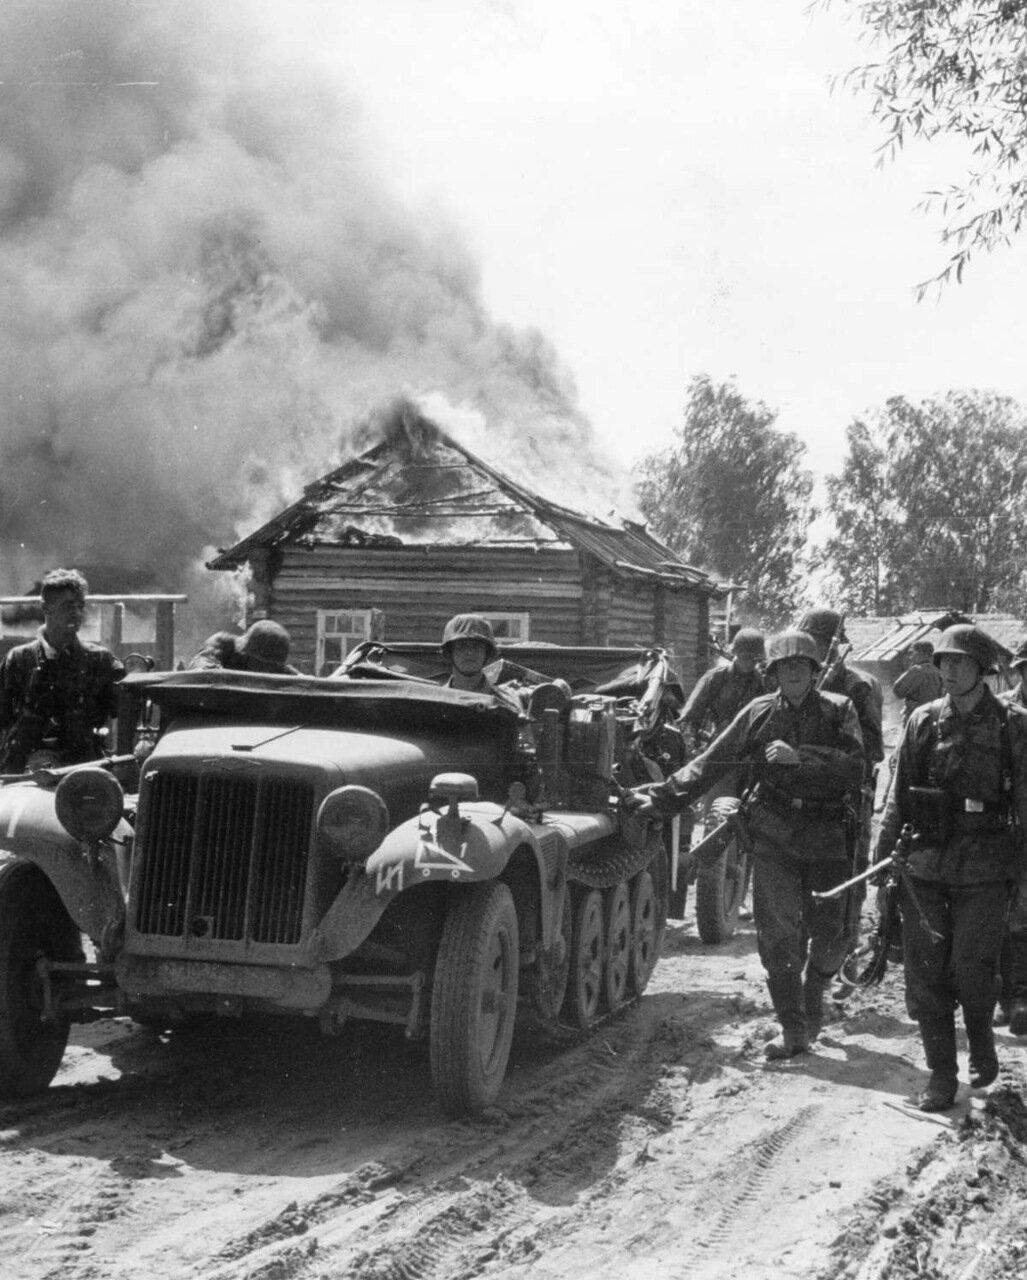 1941. Тягач Sonderkraftfahrzeug 10  и солдаты дивизии СС Рейх проезжают через деревню